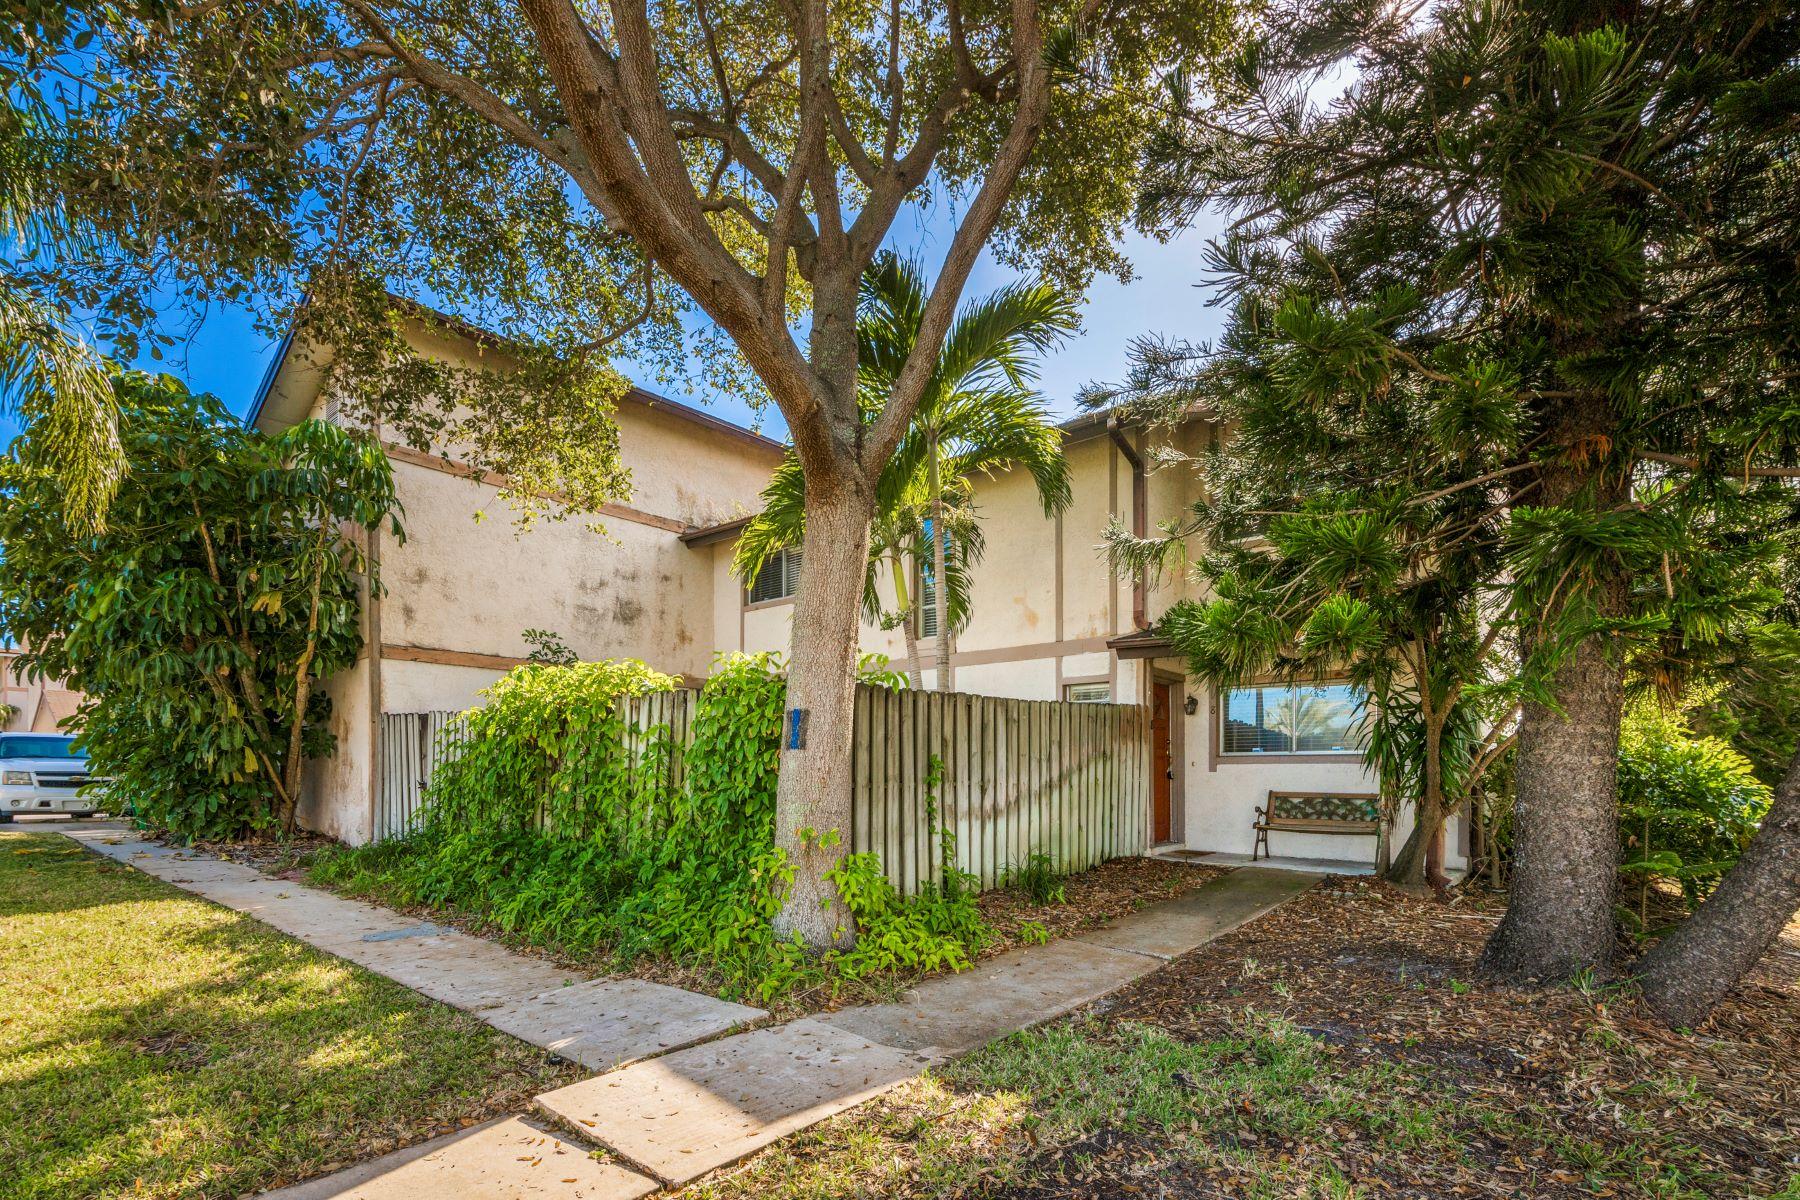 Fountainview Townhouse 595 Park Avenue 8 Satellite Beach, Florida 32937 Estados Unidos